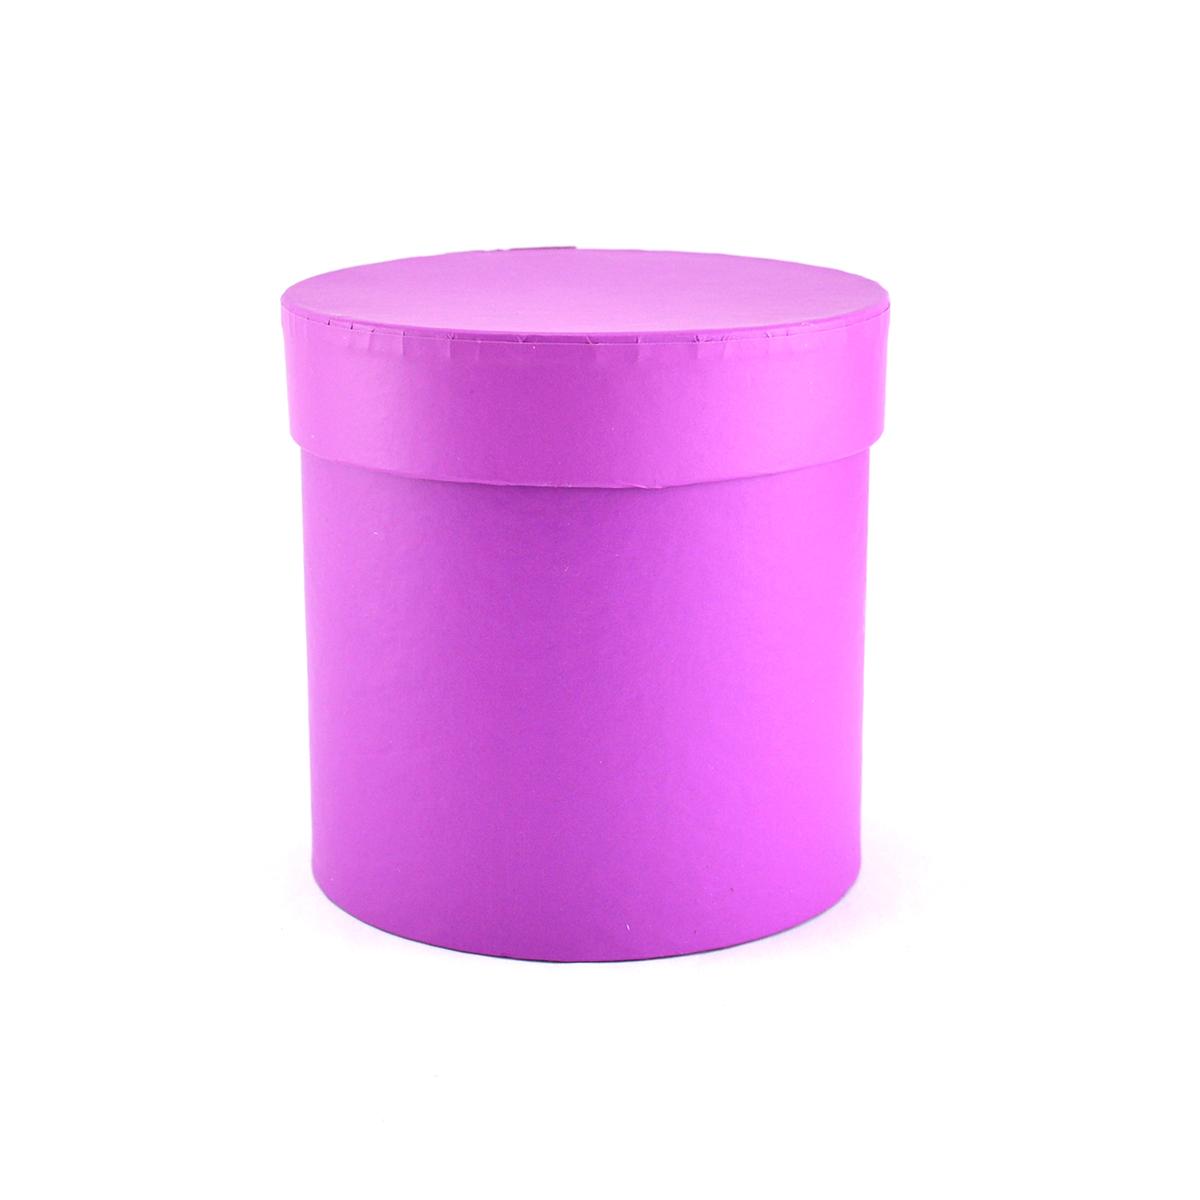 Ambalaje Flori ONLINE vinde Cutie cilindrica fara manere neinscriptionata siclam la pretul de 8.9 lei